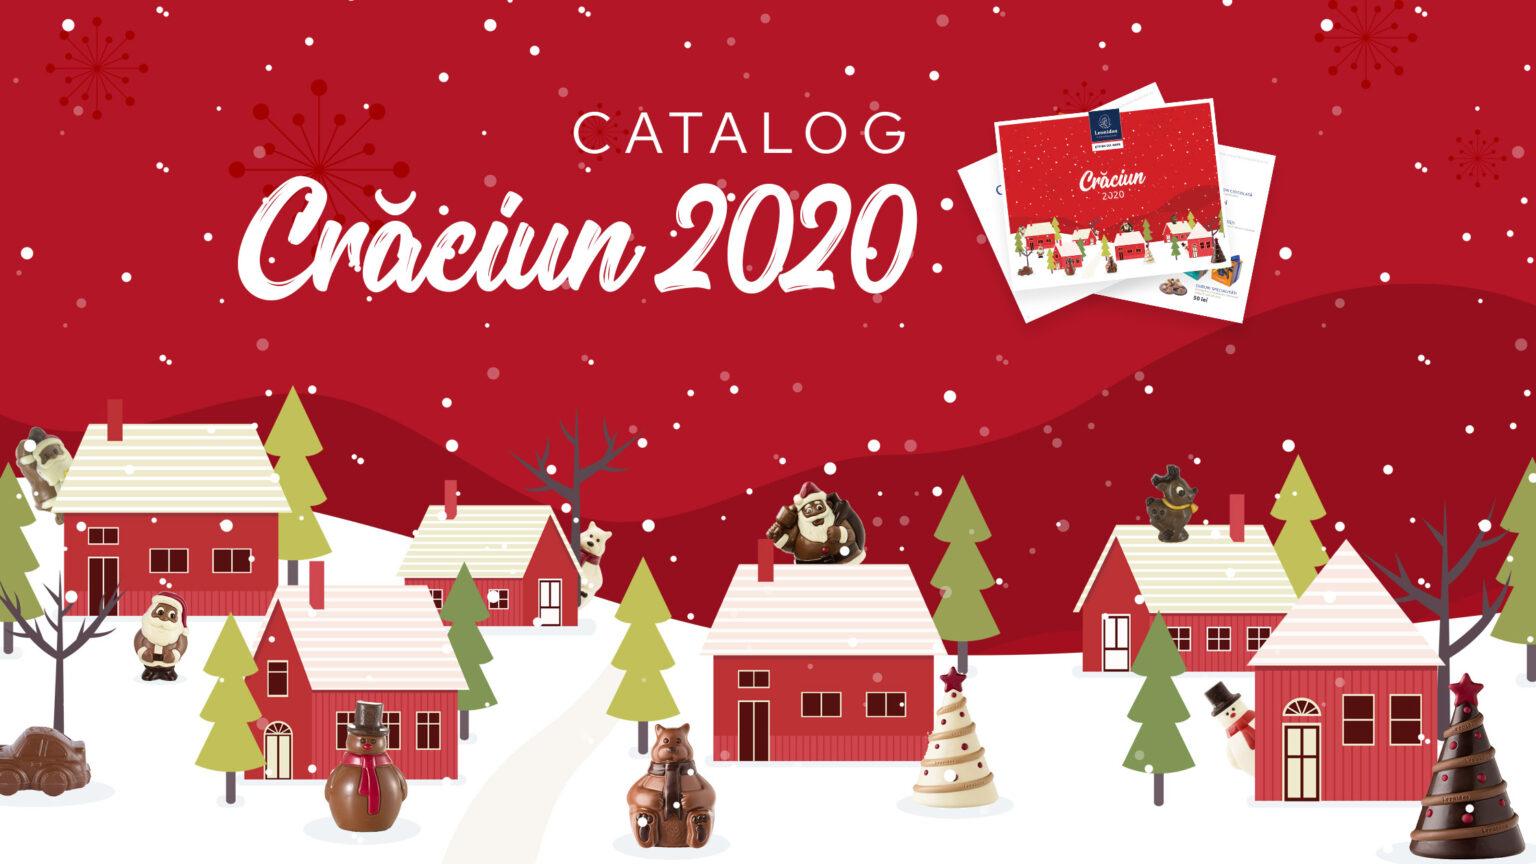 CATALOG CRACIUN 2020 – CRACIUNUL MMMMAGIC LEONIDAS